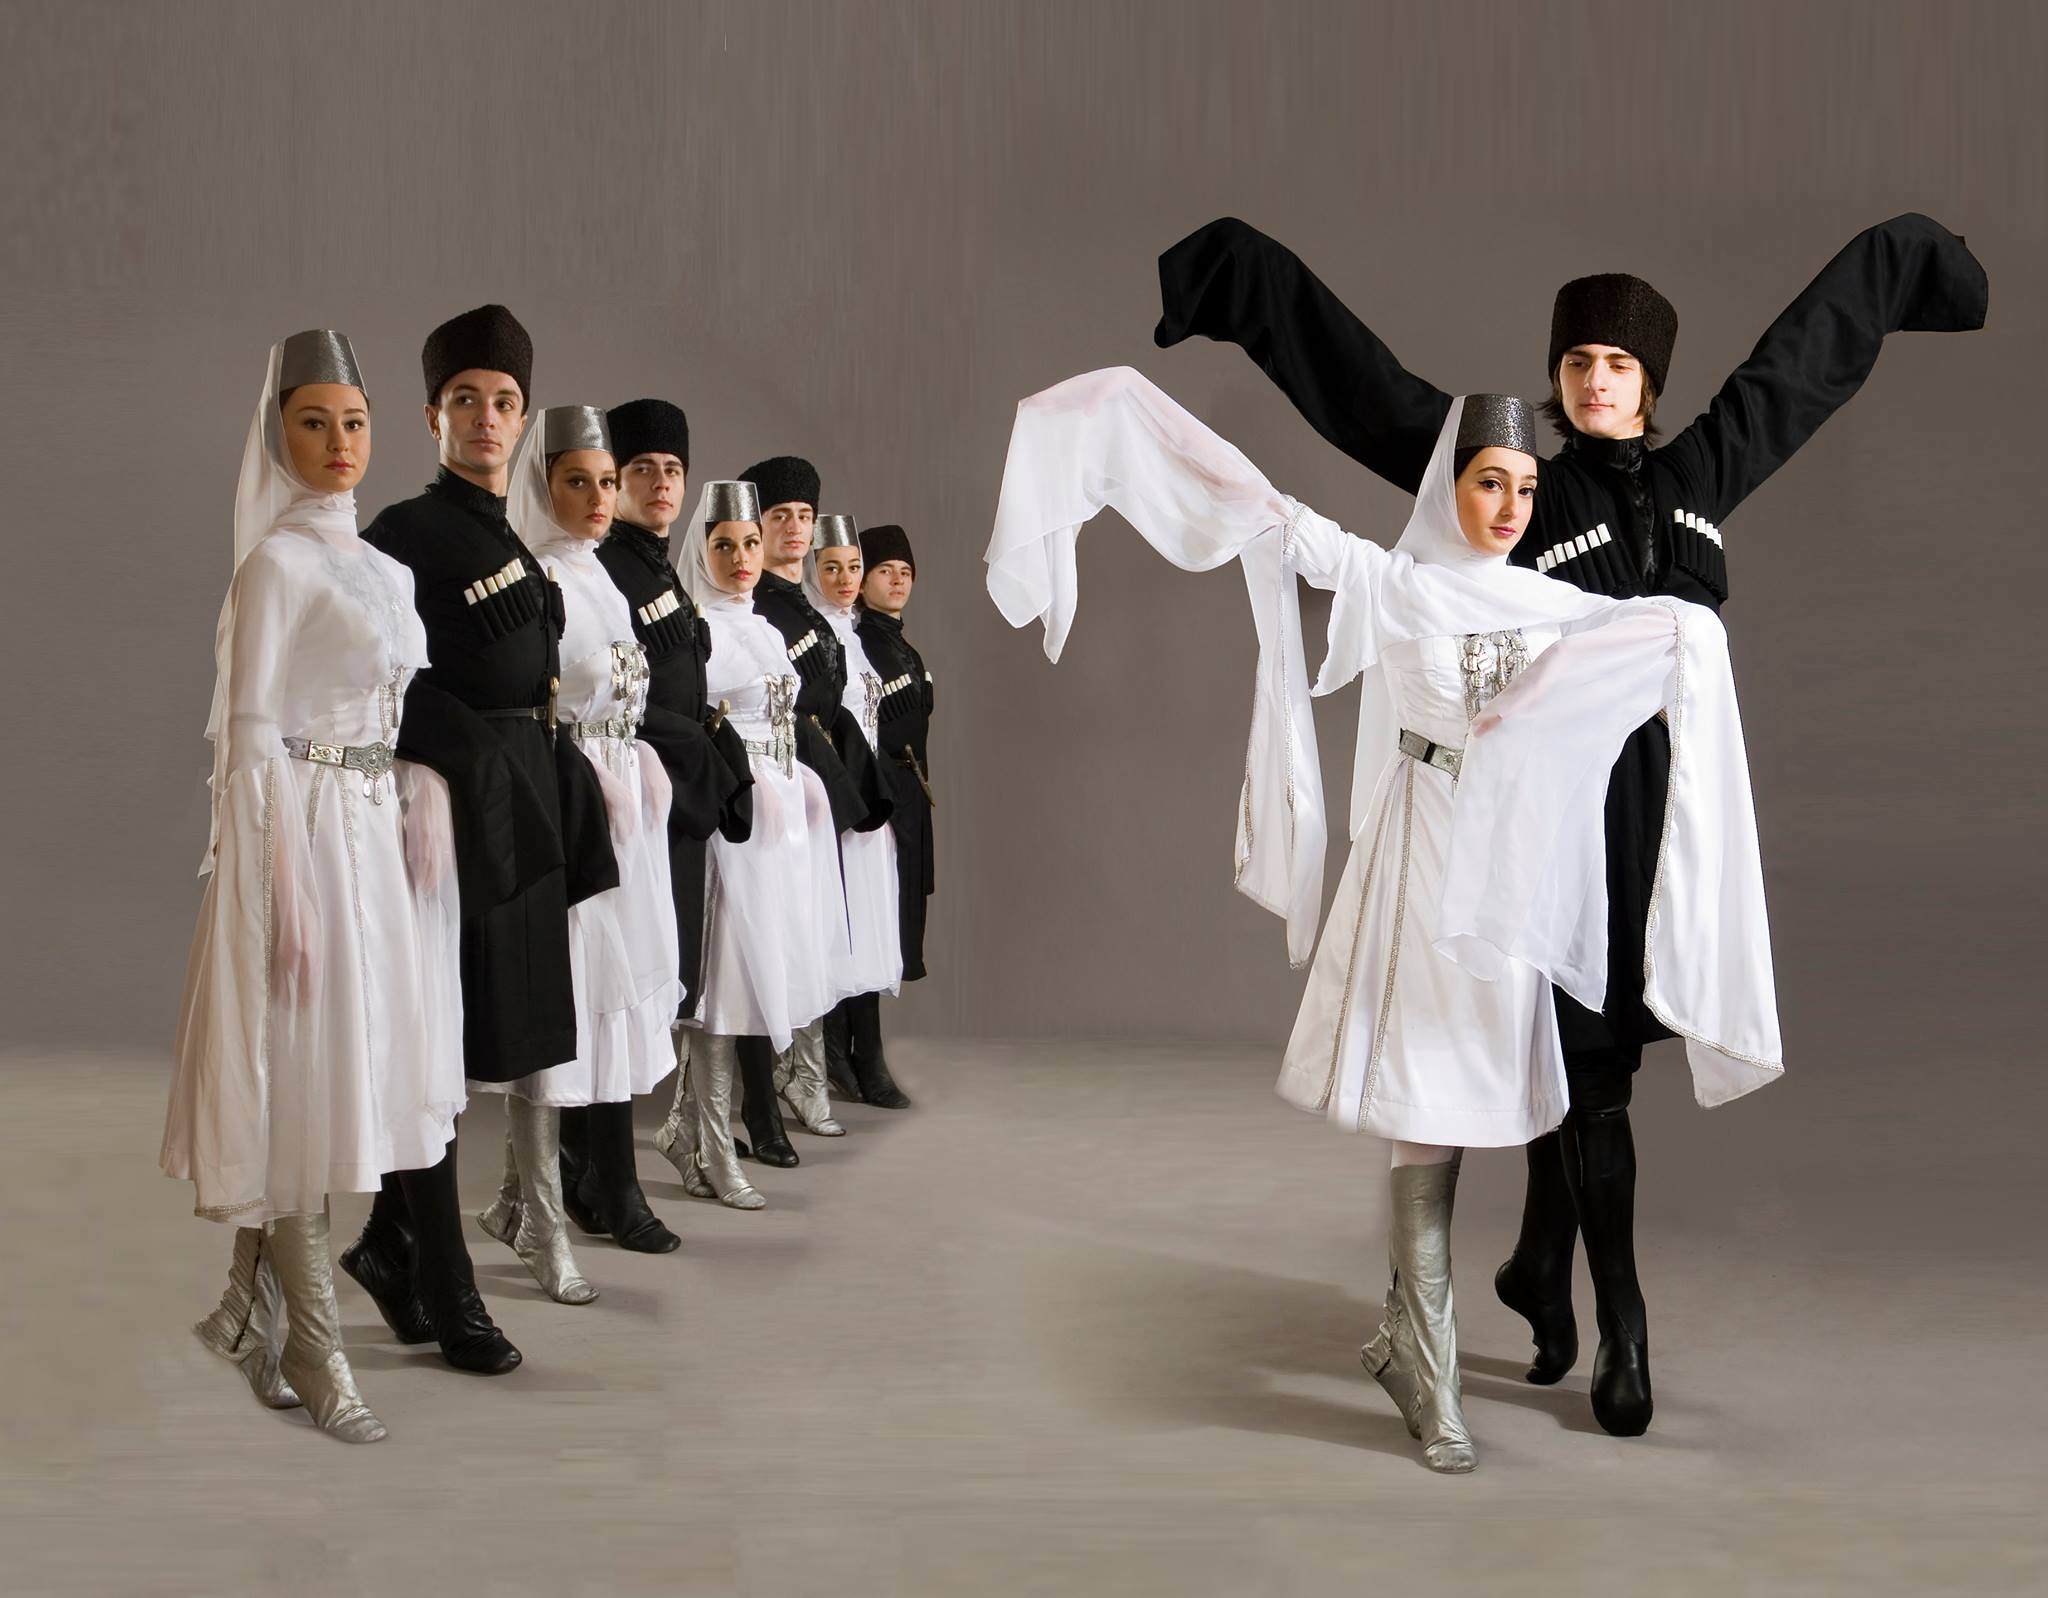 Грузинский театр танца Legacy («Наследие») — гастроли в Израиле с 17 июля